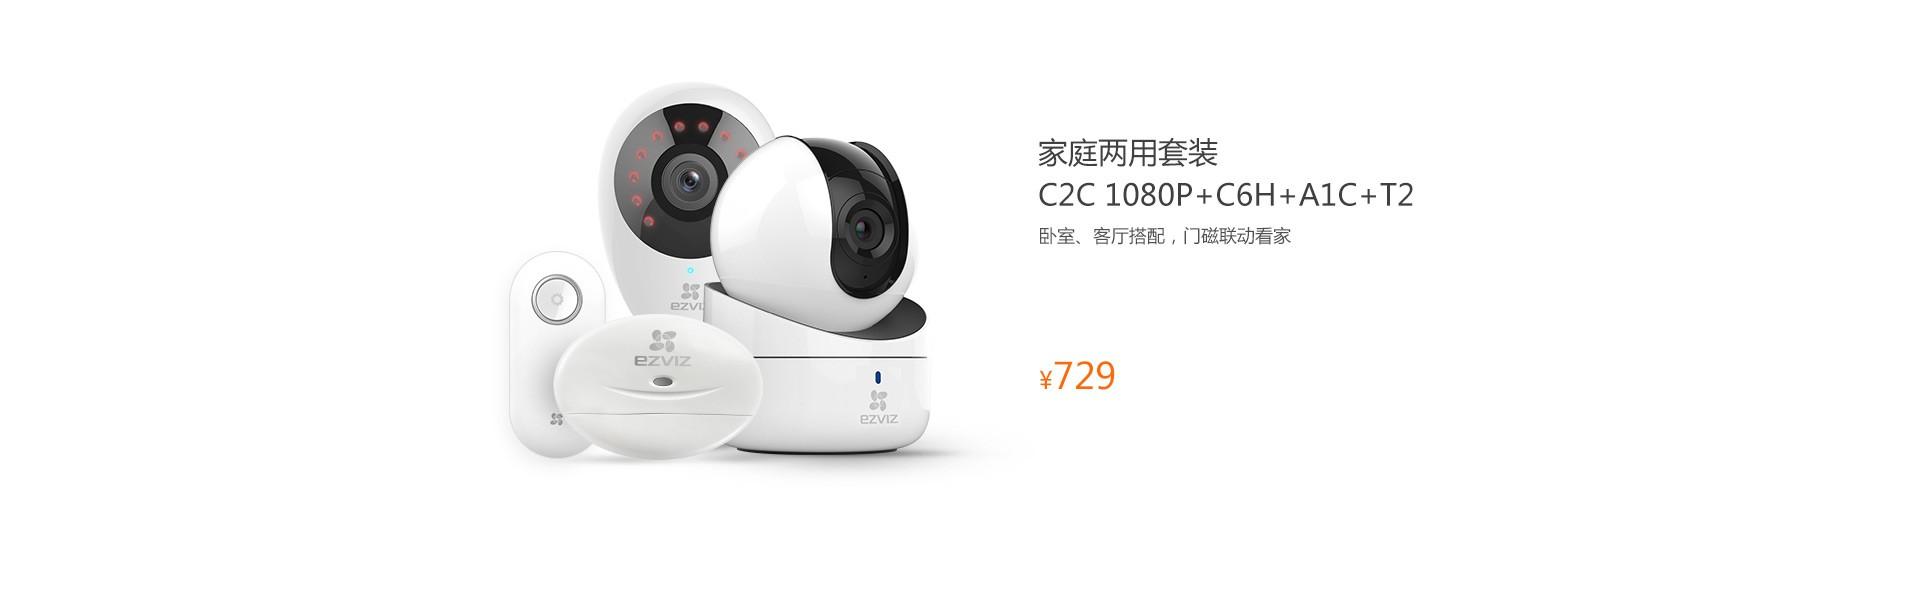 详情页首屏_PC_C2C-1080P+C6H+A1C+T2.jpg